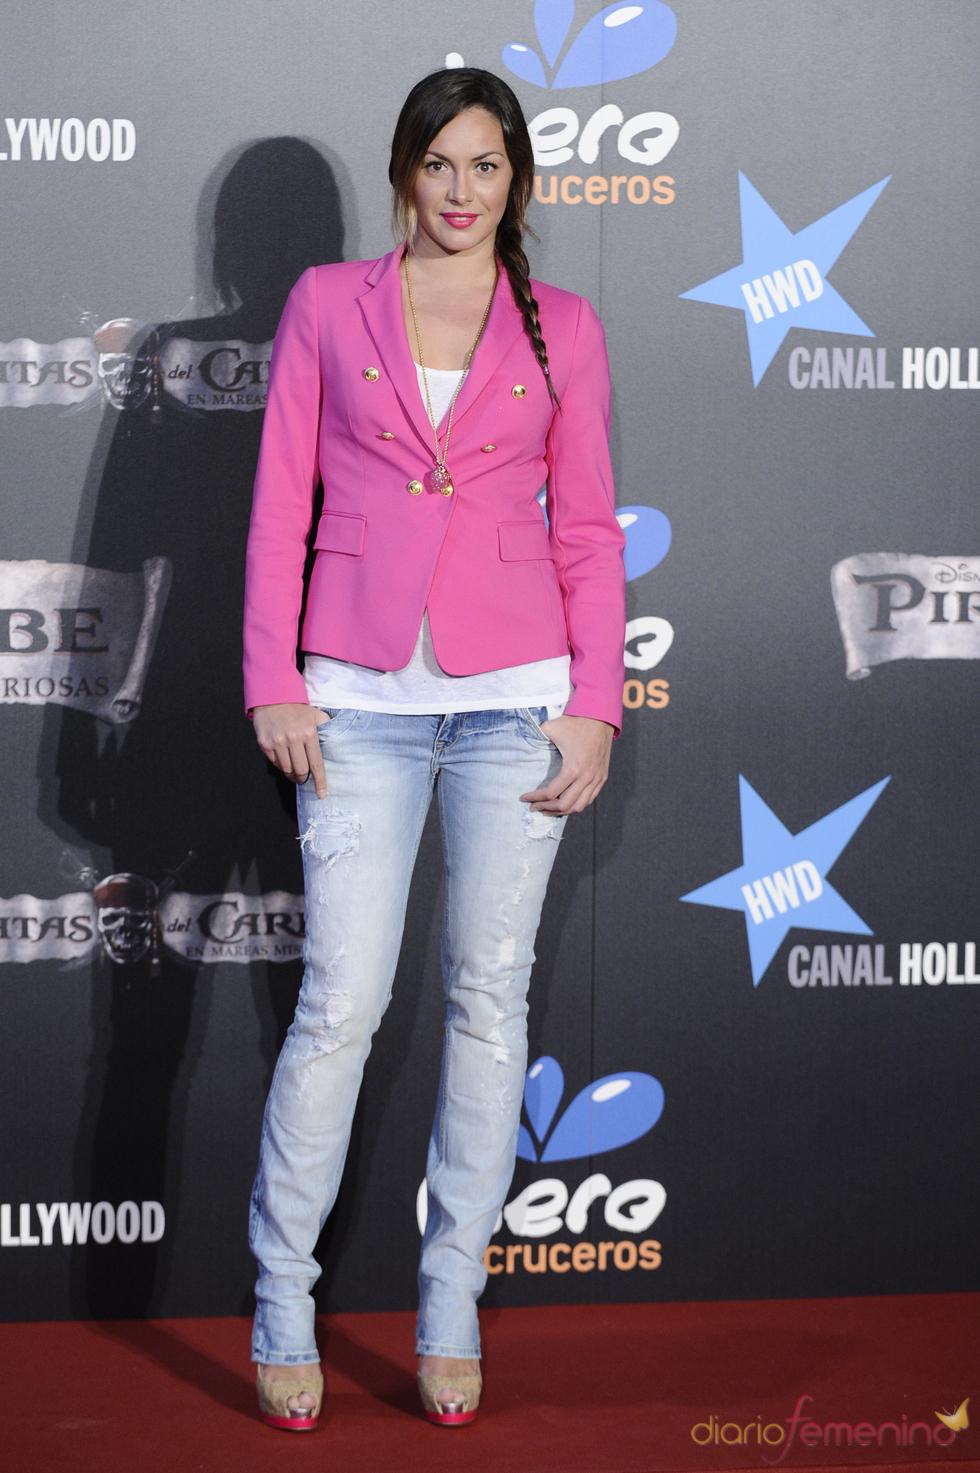 Priscila de Gustin en el estreno en Madrid de 'Piratas del Caribe 4'